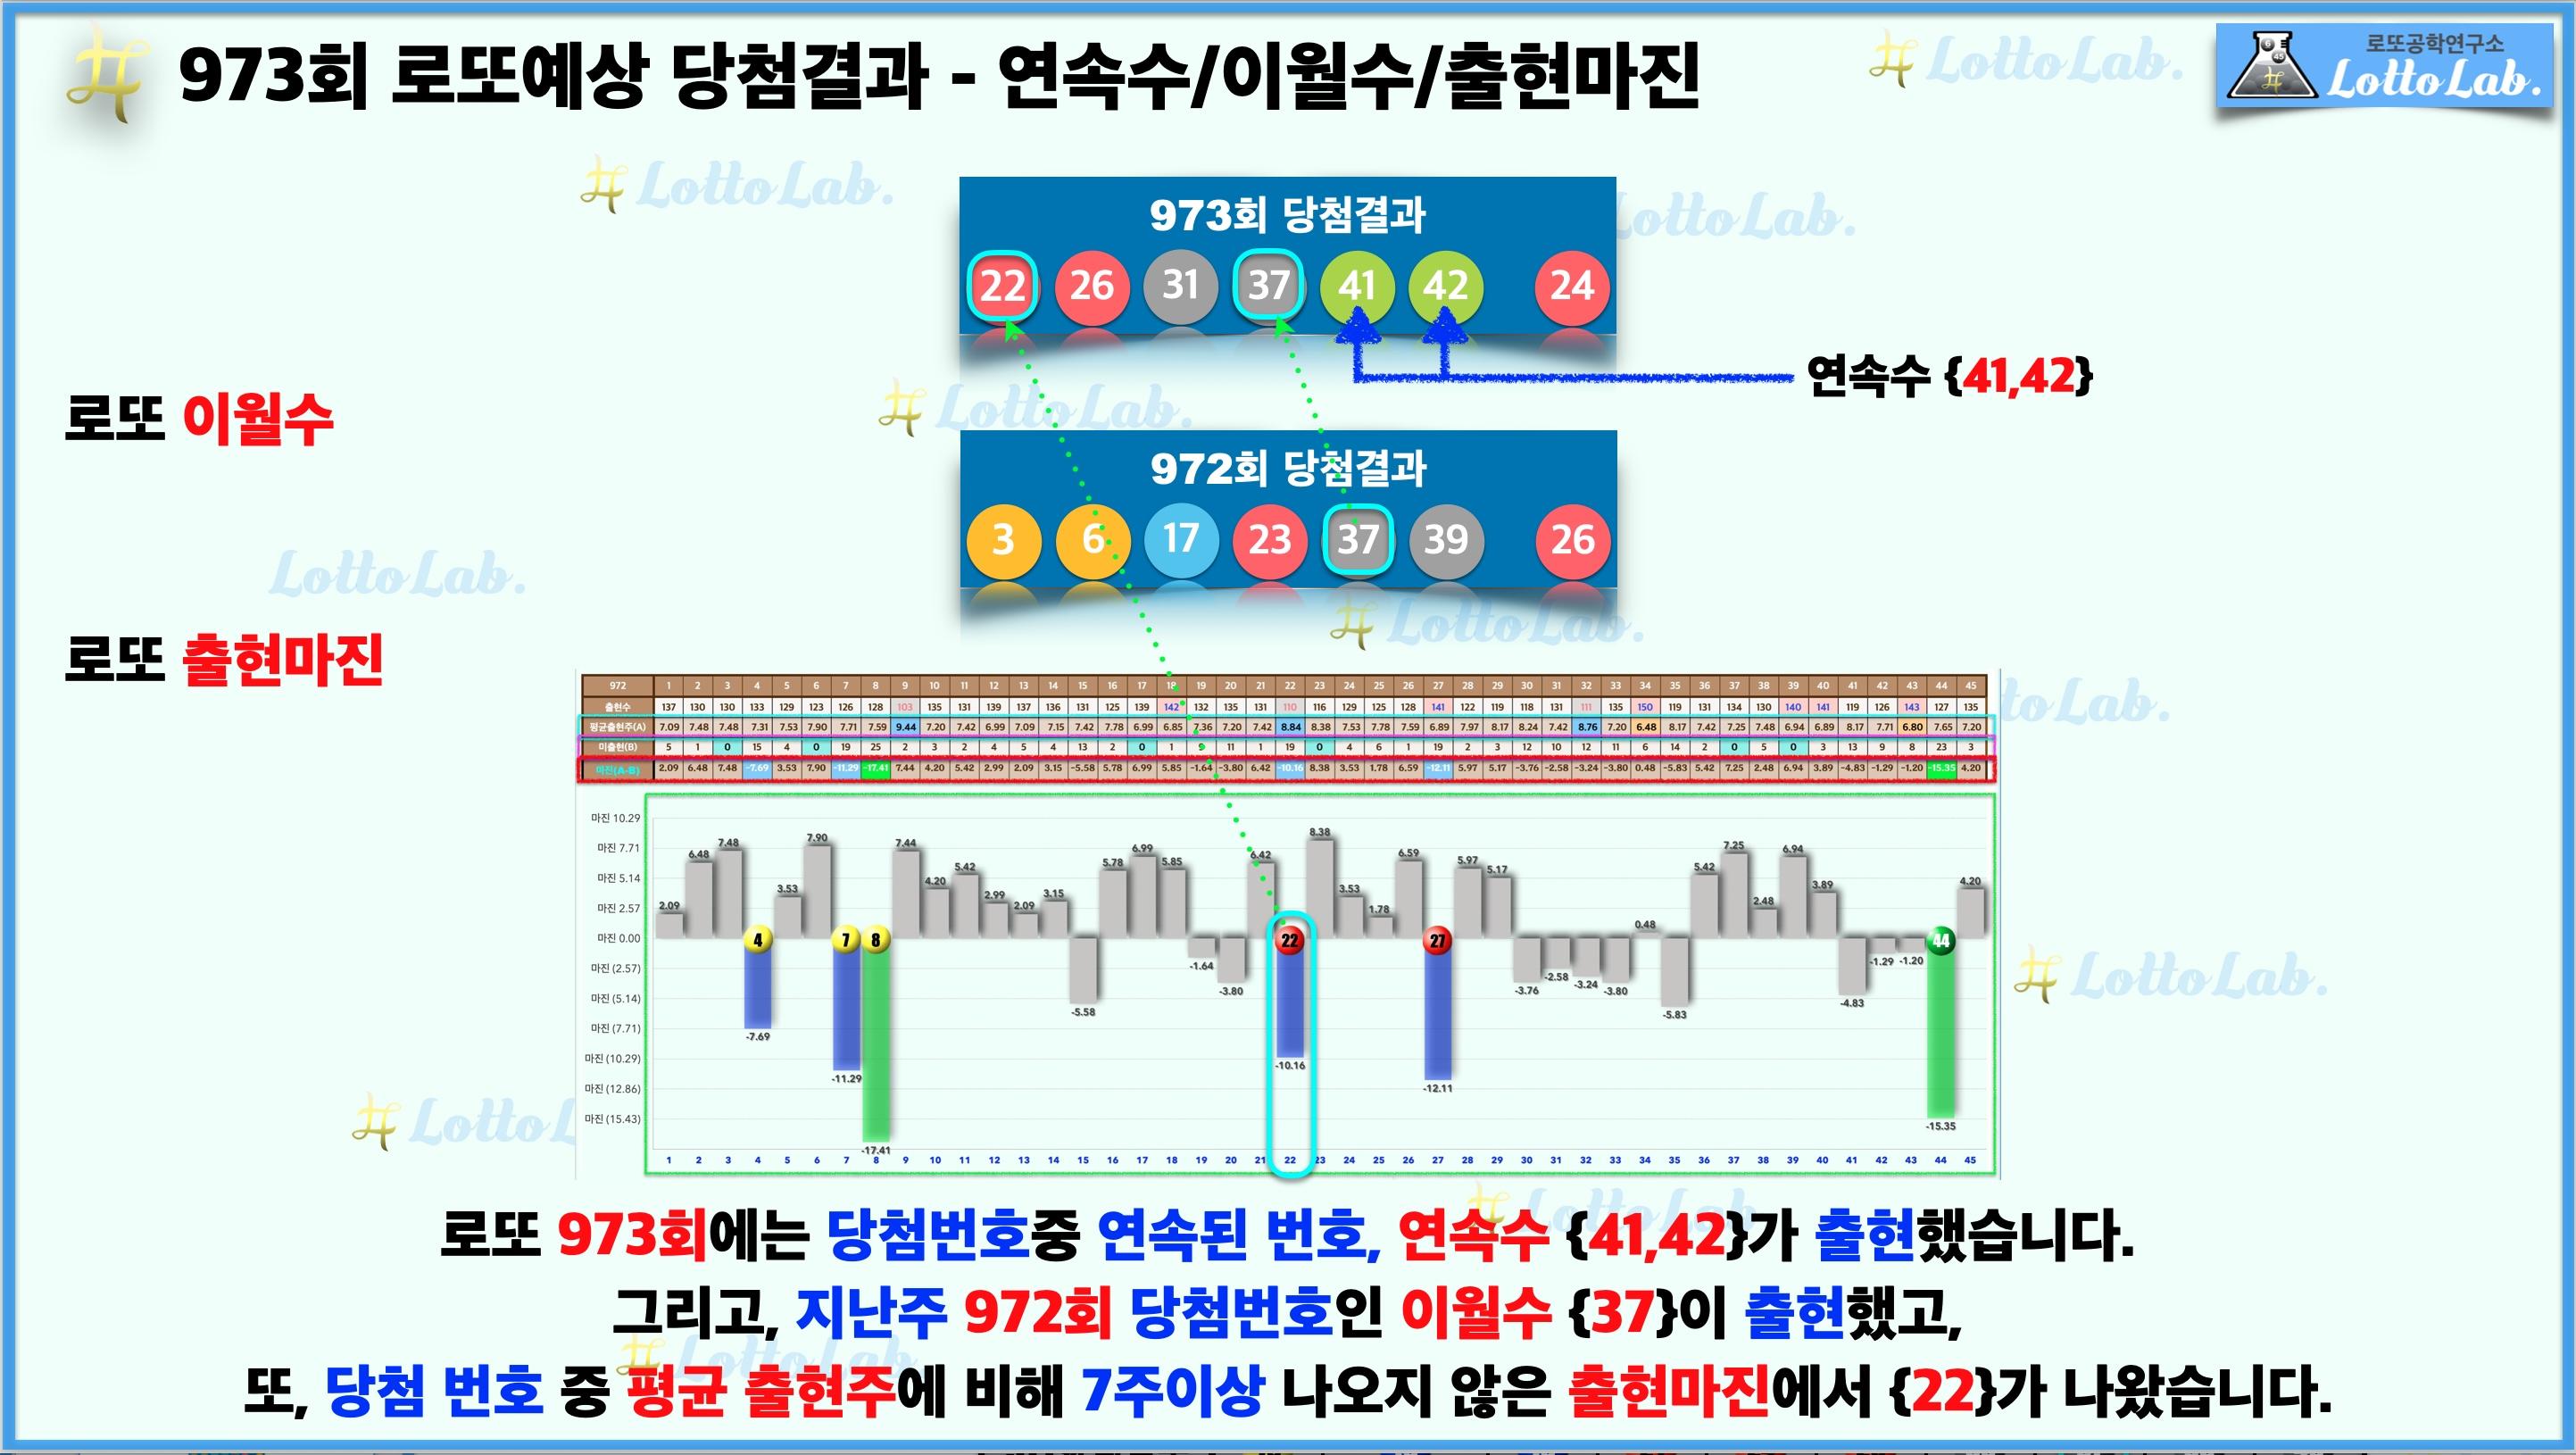 로또랩 로또973 예상결과 - 연속수 이월수 출현마진